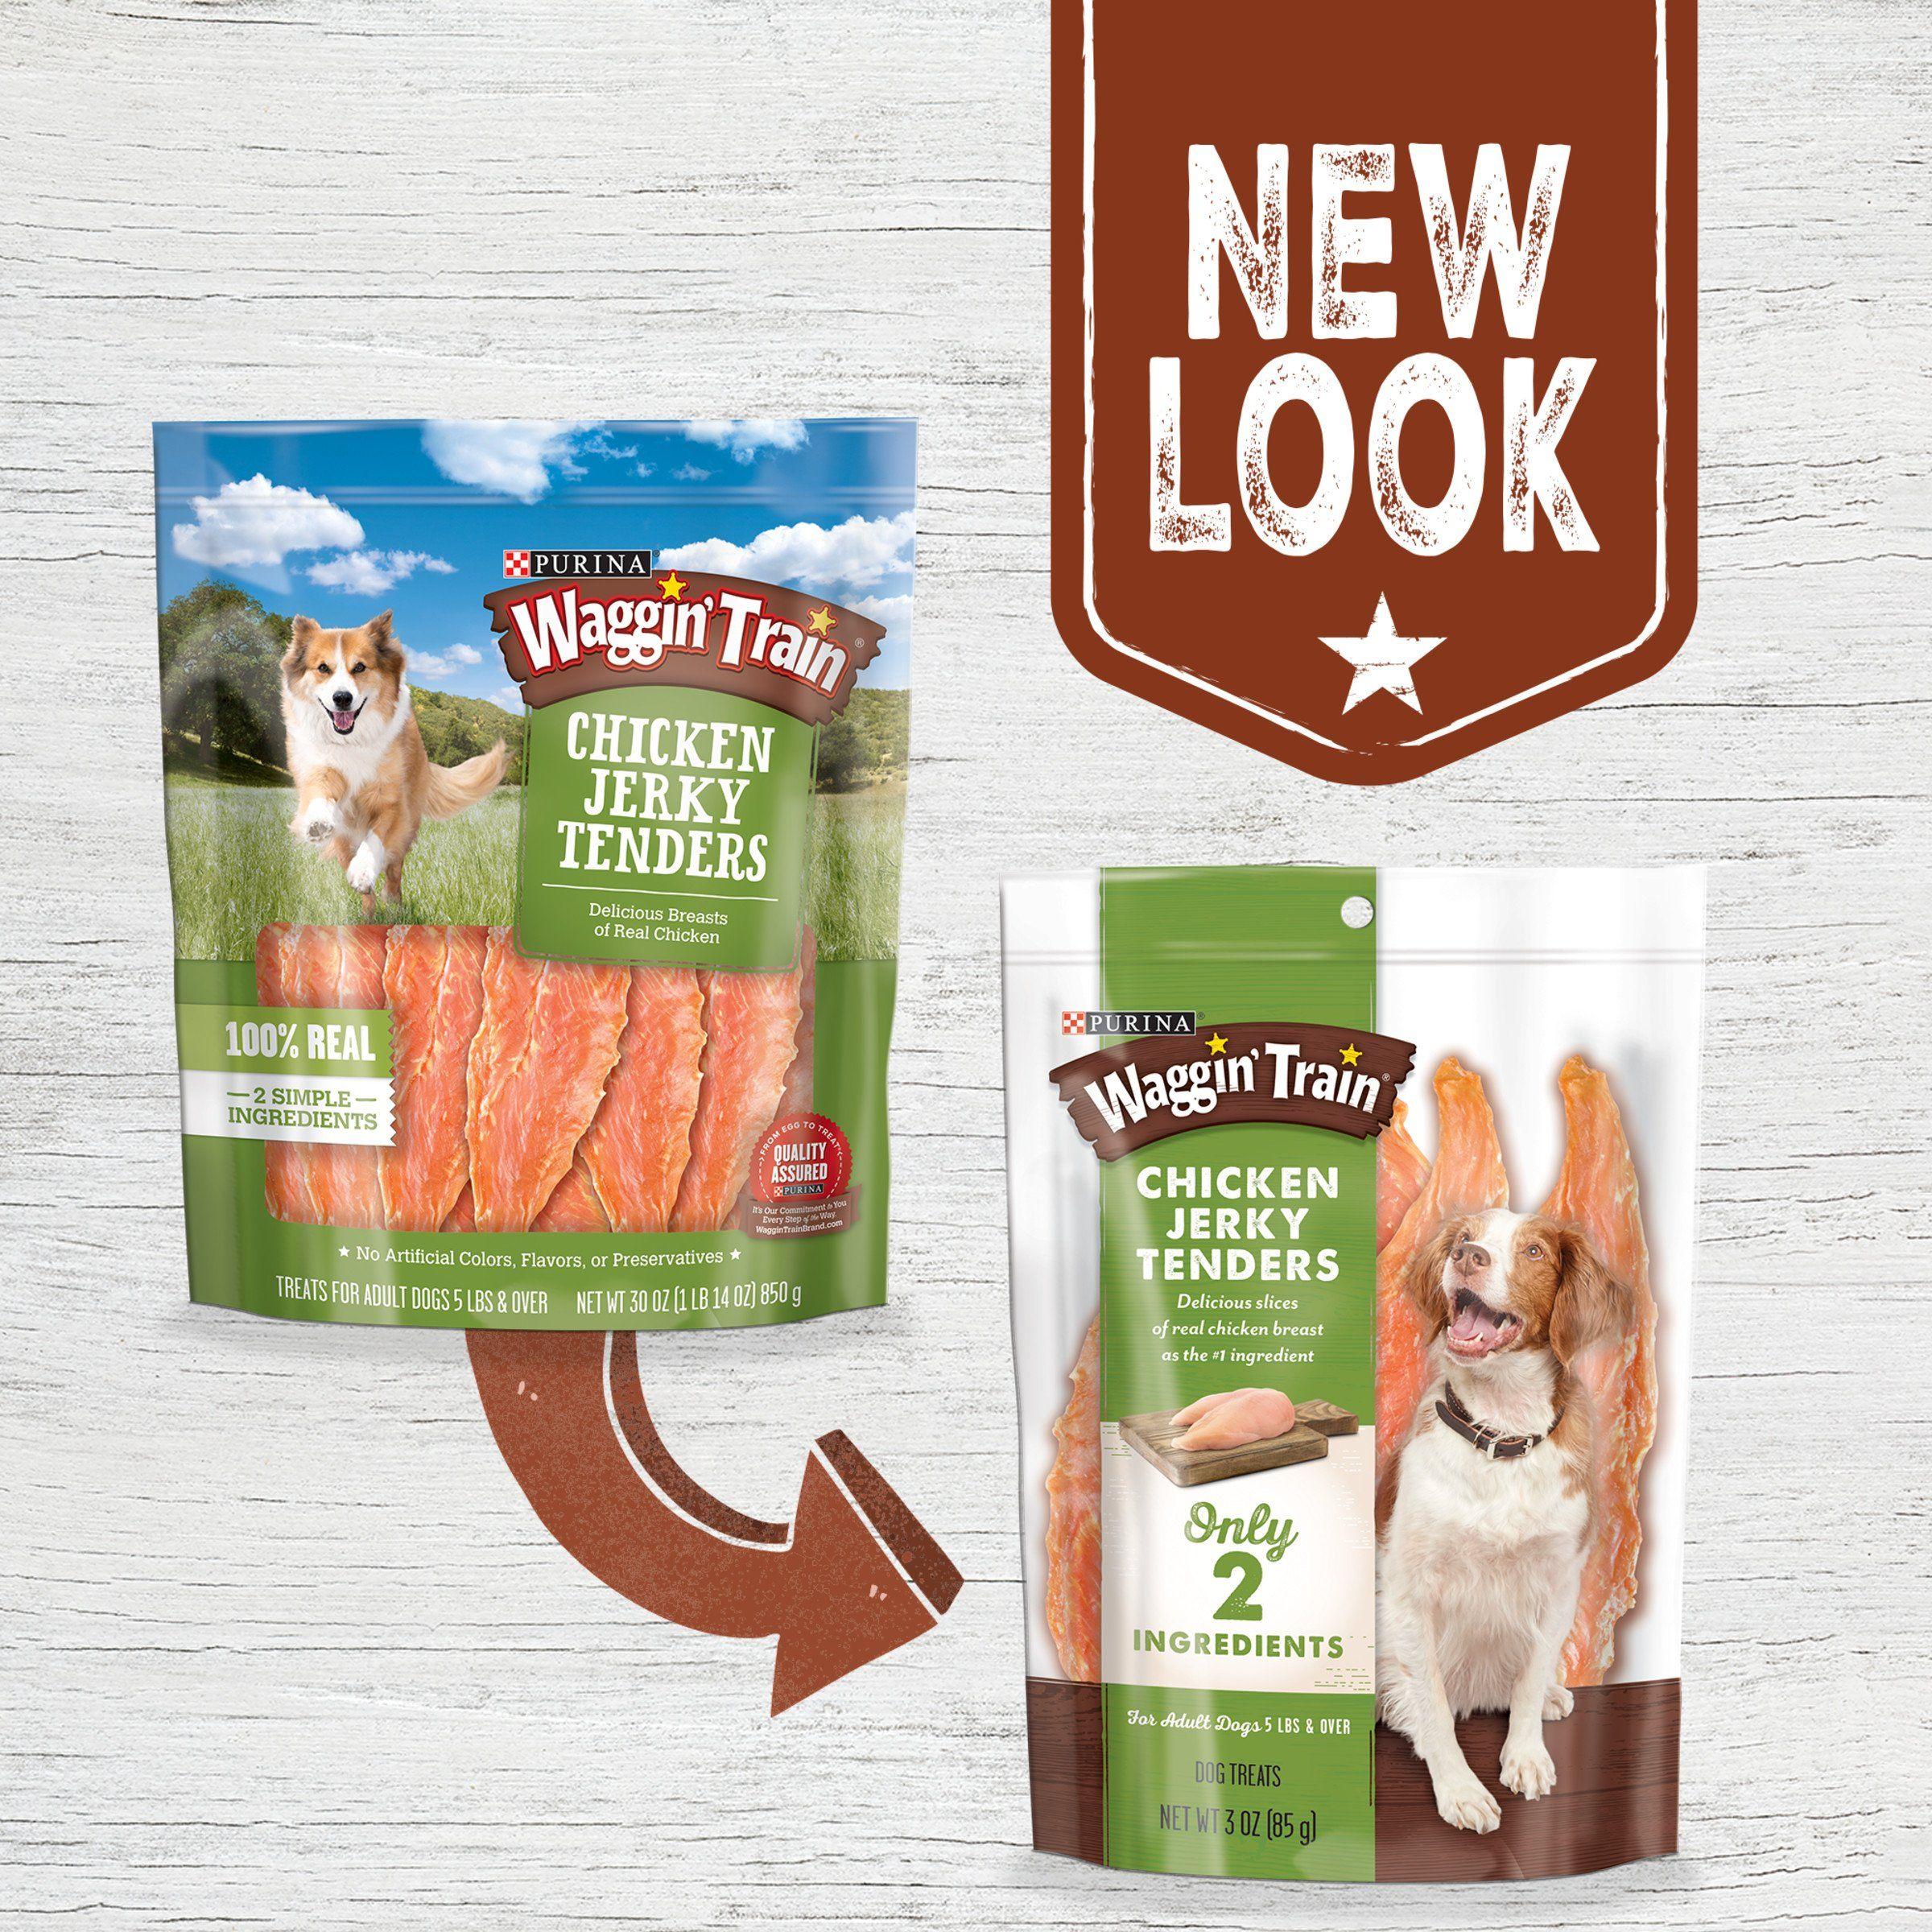 Purina Waggin Train Chicken Jerky Tenders Dog Treats Need To